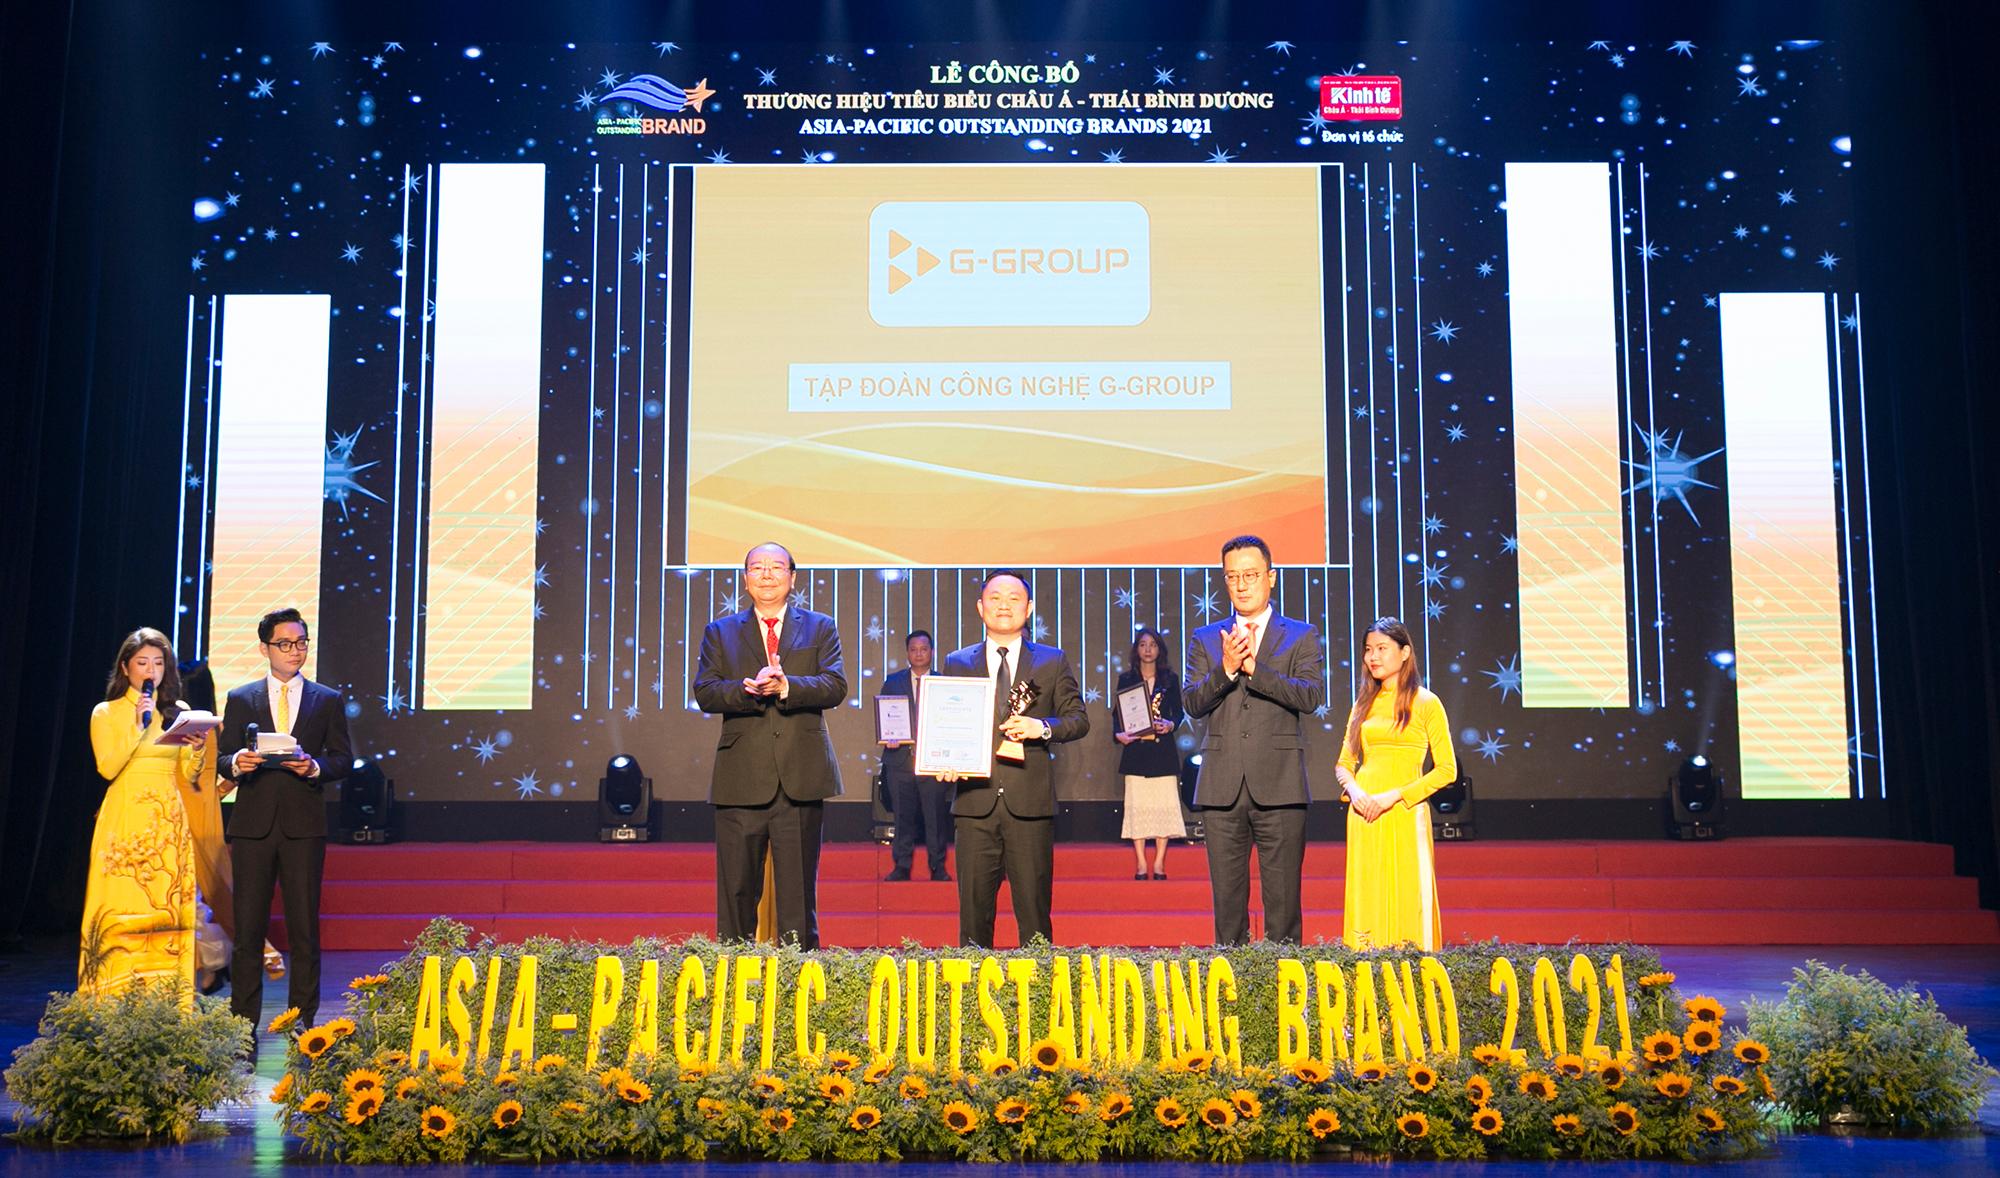 G-Group vào top 10 thương hiệu châu Á- Thái Bình Dương